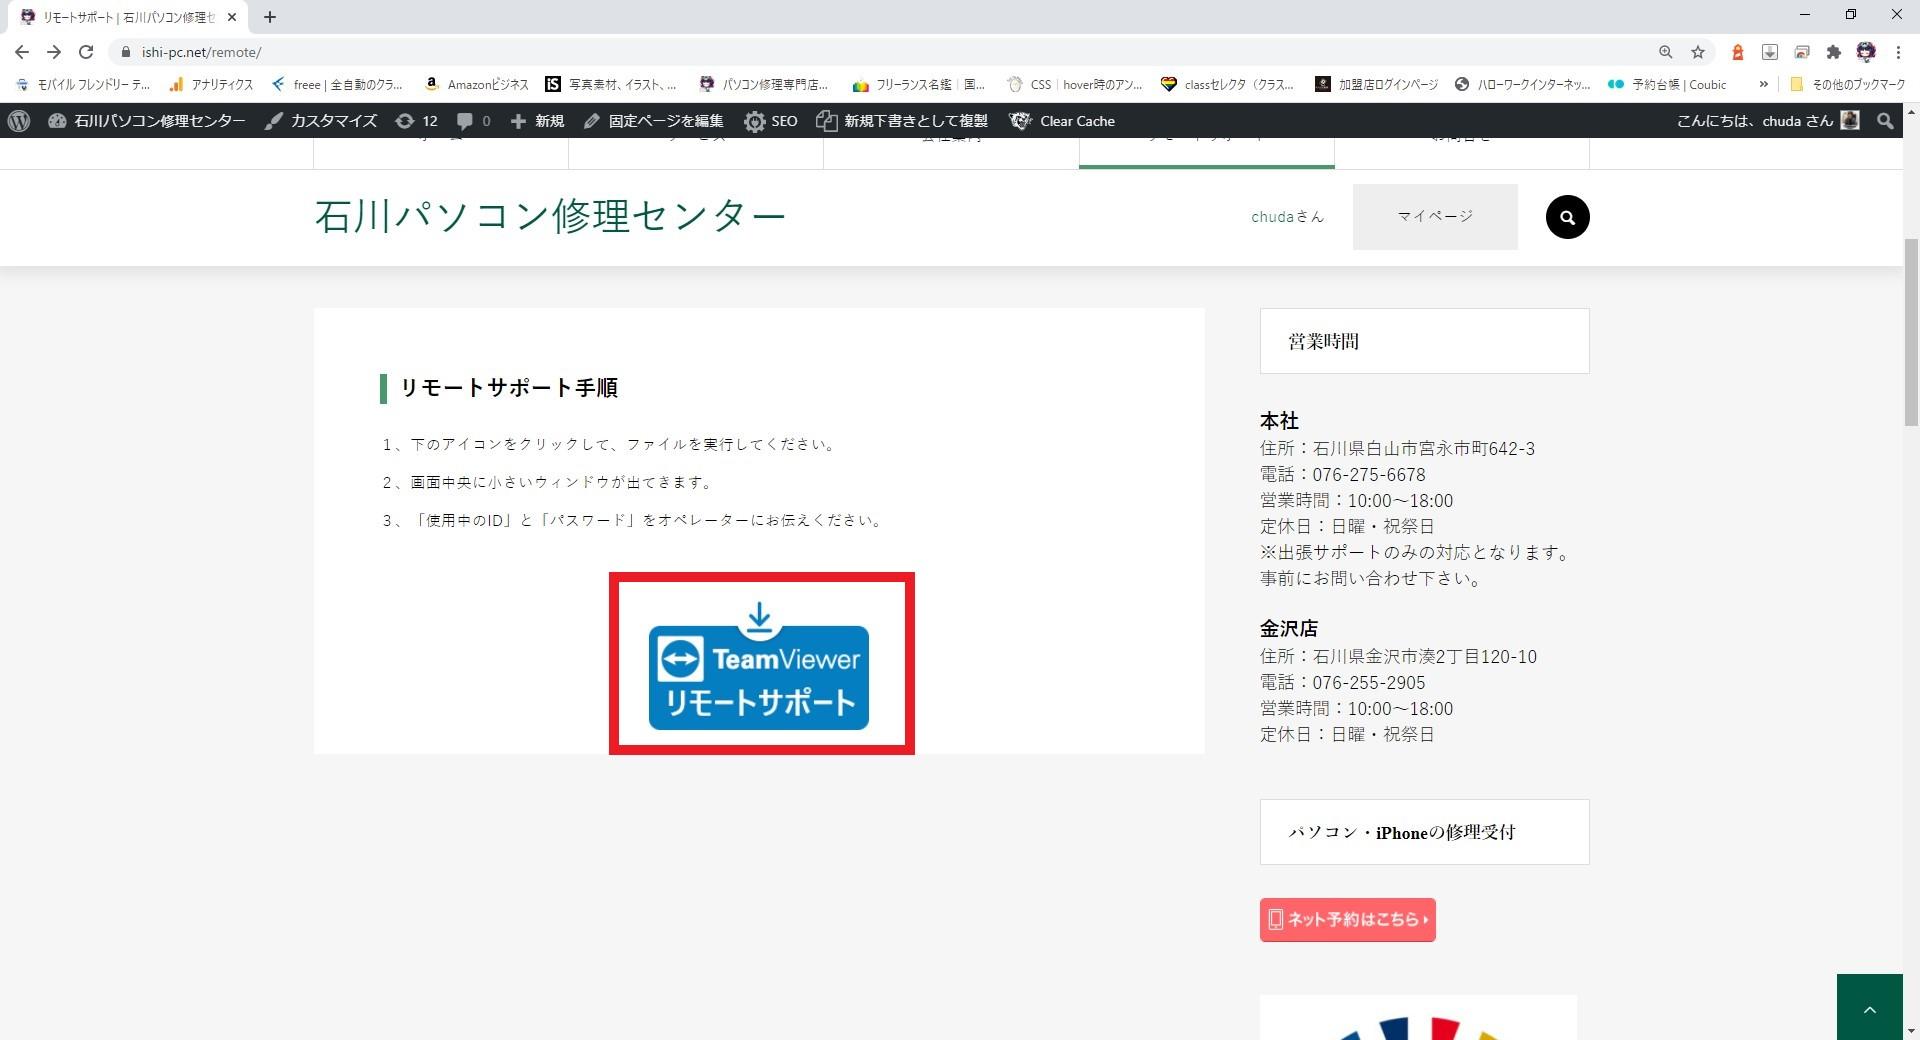 【Team Viewer】遠隔サポートソフトをインストールしてリモートサポートを受ける方法【Windwos10】